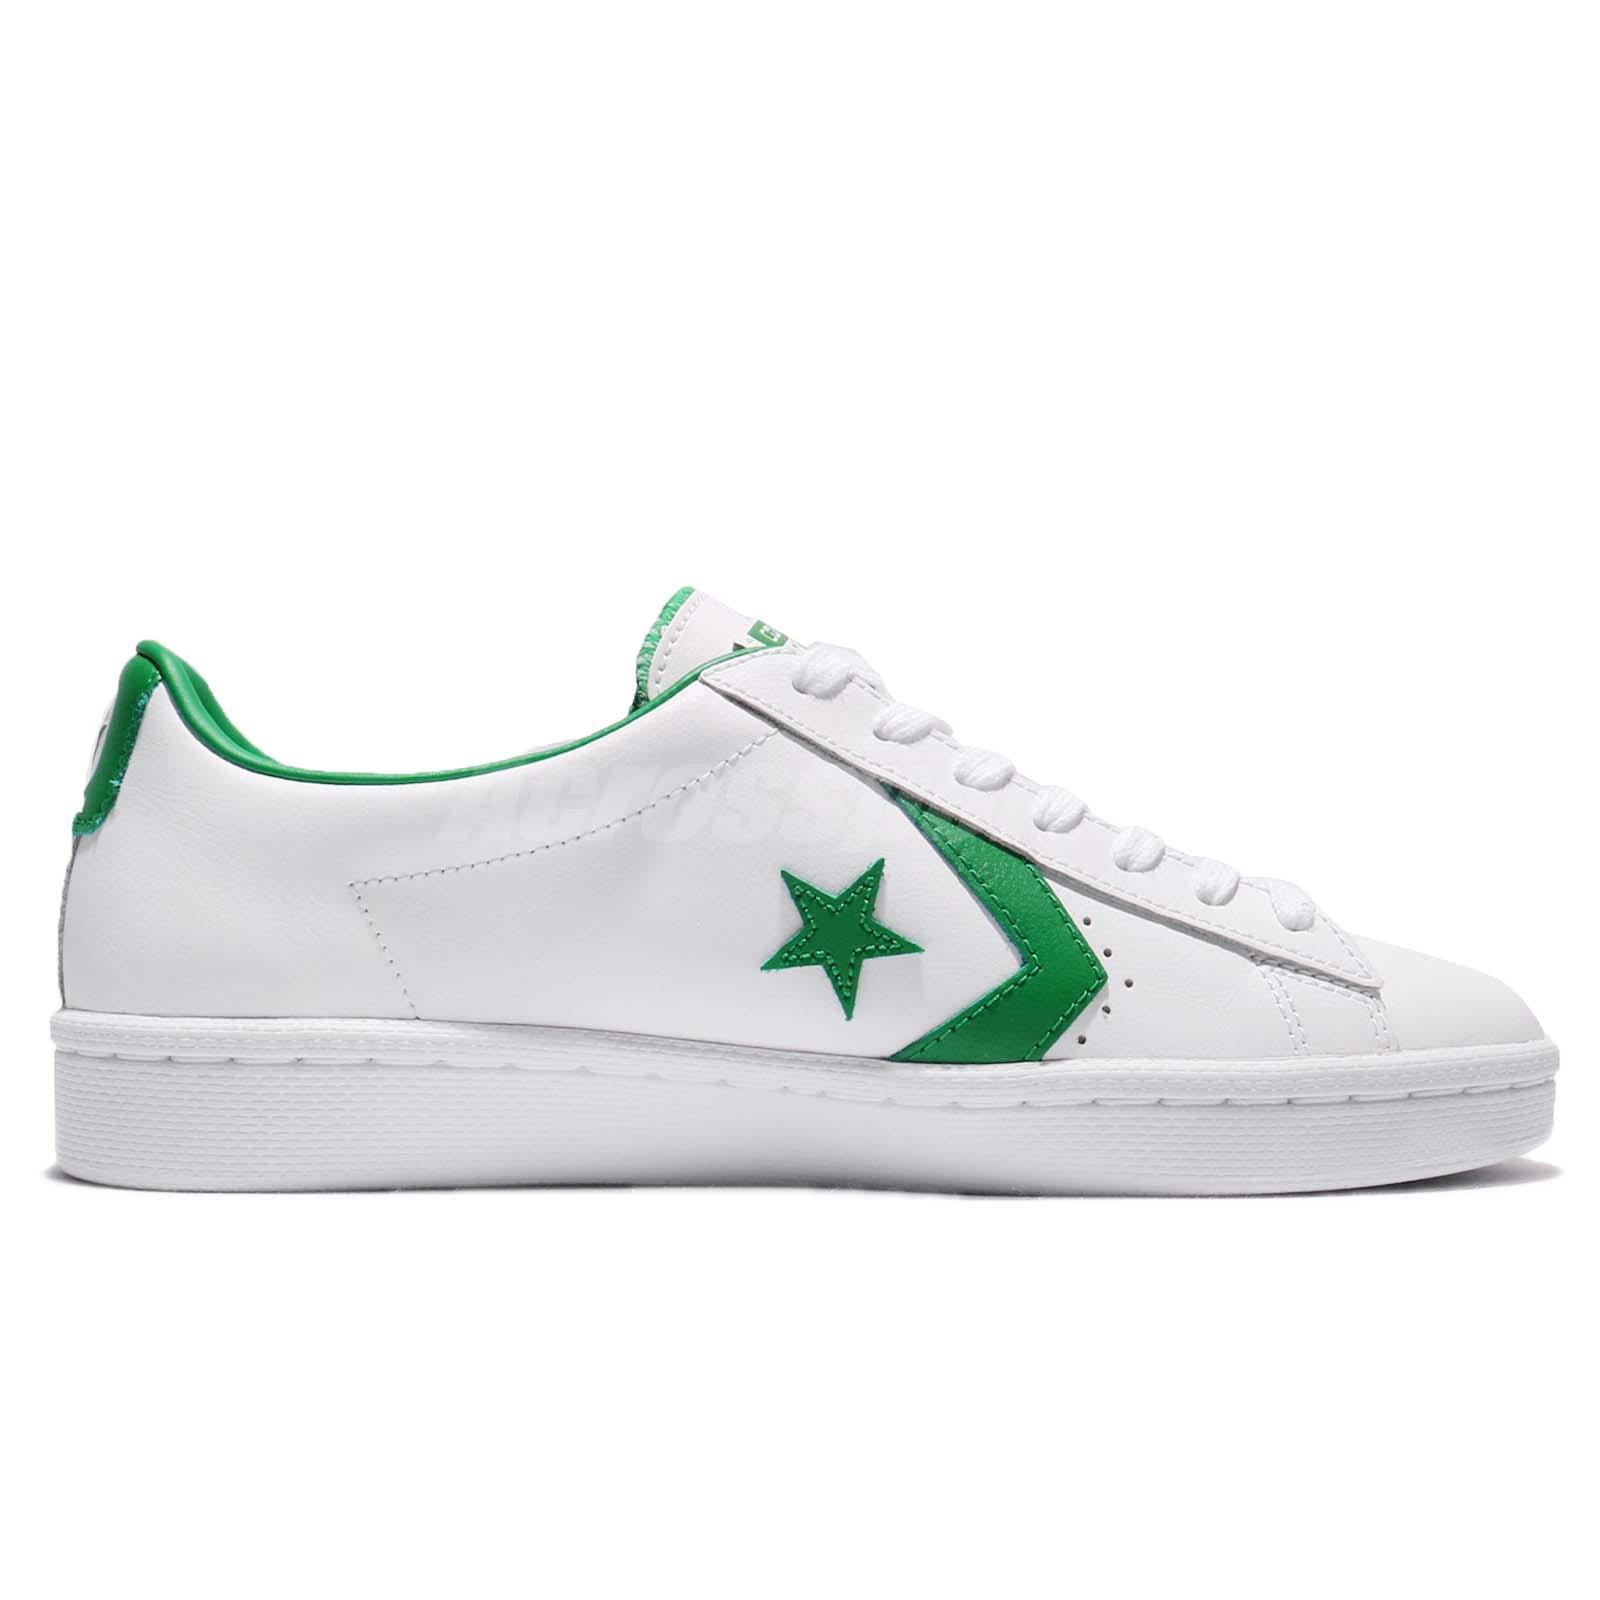 8d712ff1937d38 Converse PL 76 Cons Pro Leather Low White Green Leather Men Shoe ...